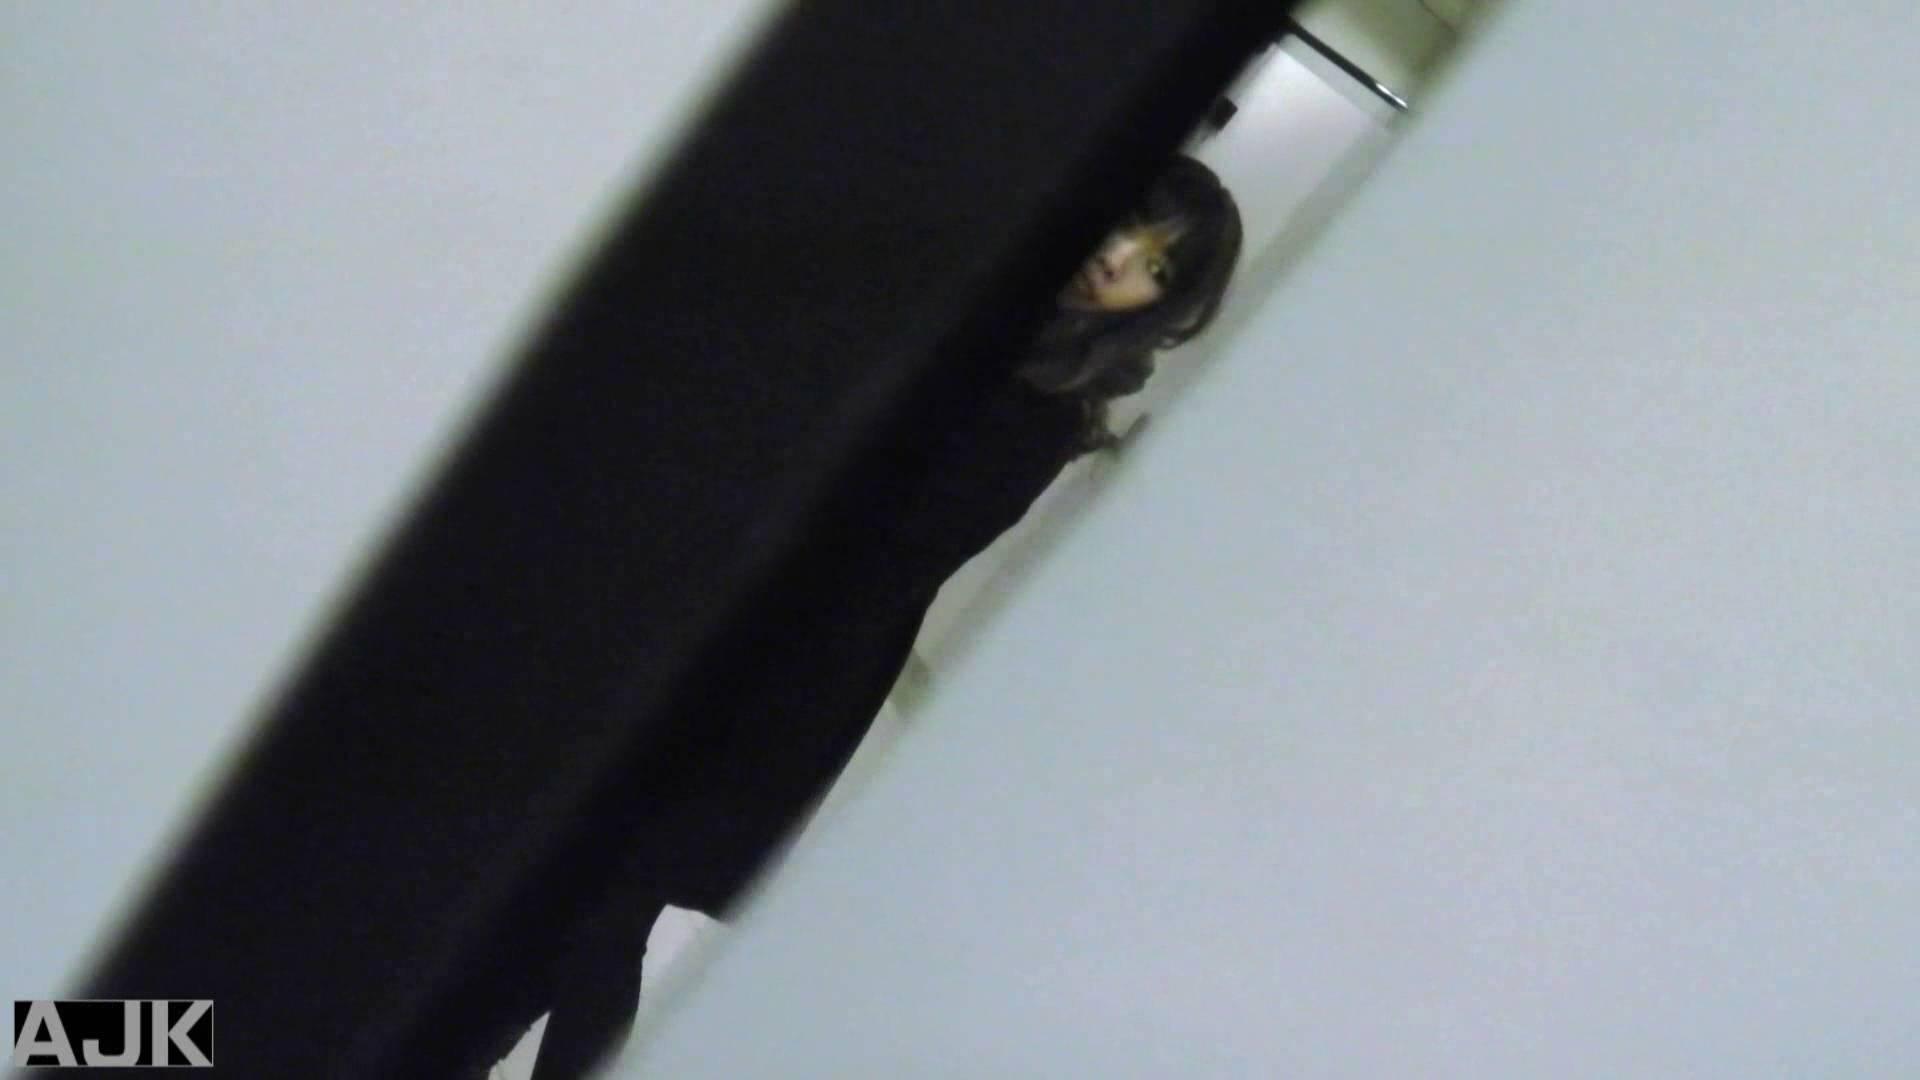 神降臨!史上最強の潜入かわや! vol.29 美女すけべ画像  54連発 21